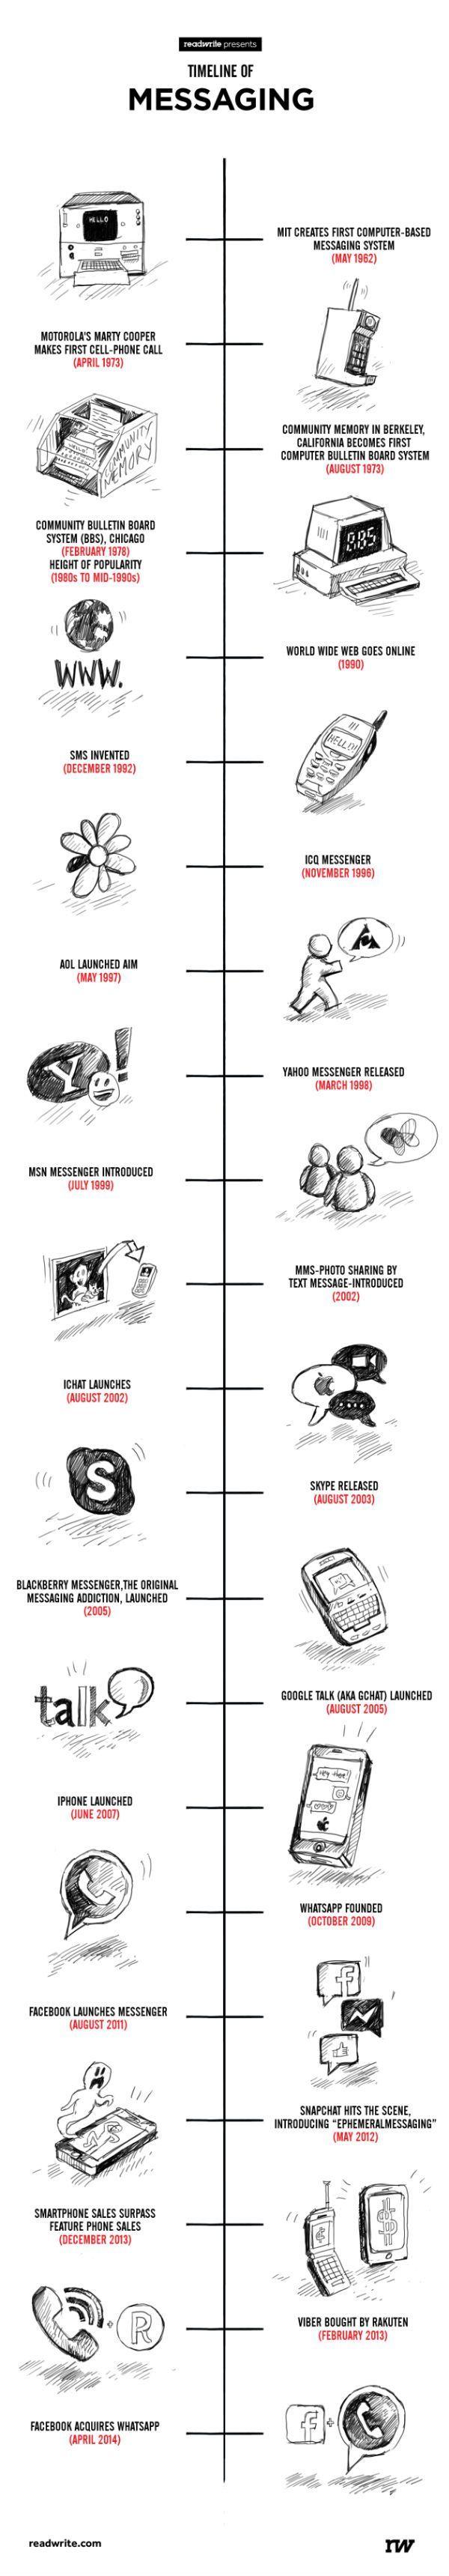 Del MIT al WhatsApp, historía de la mensajería » MuyCanal